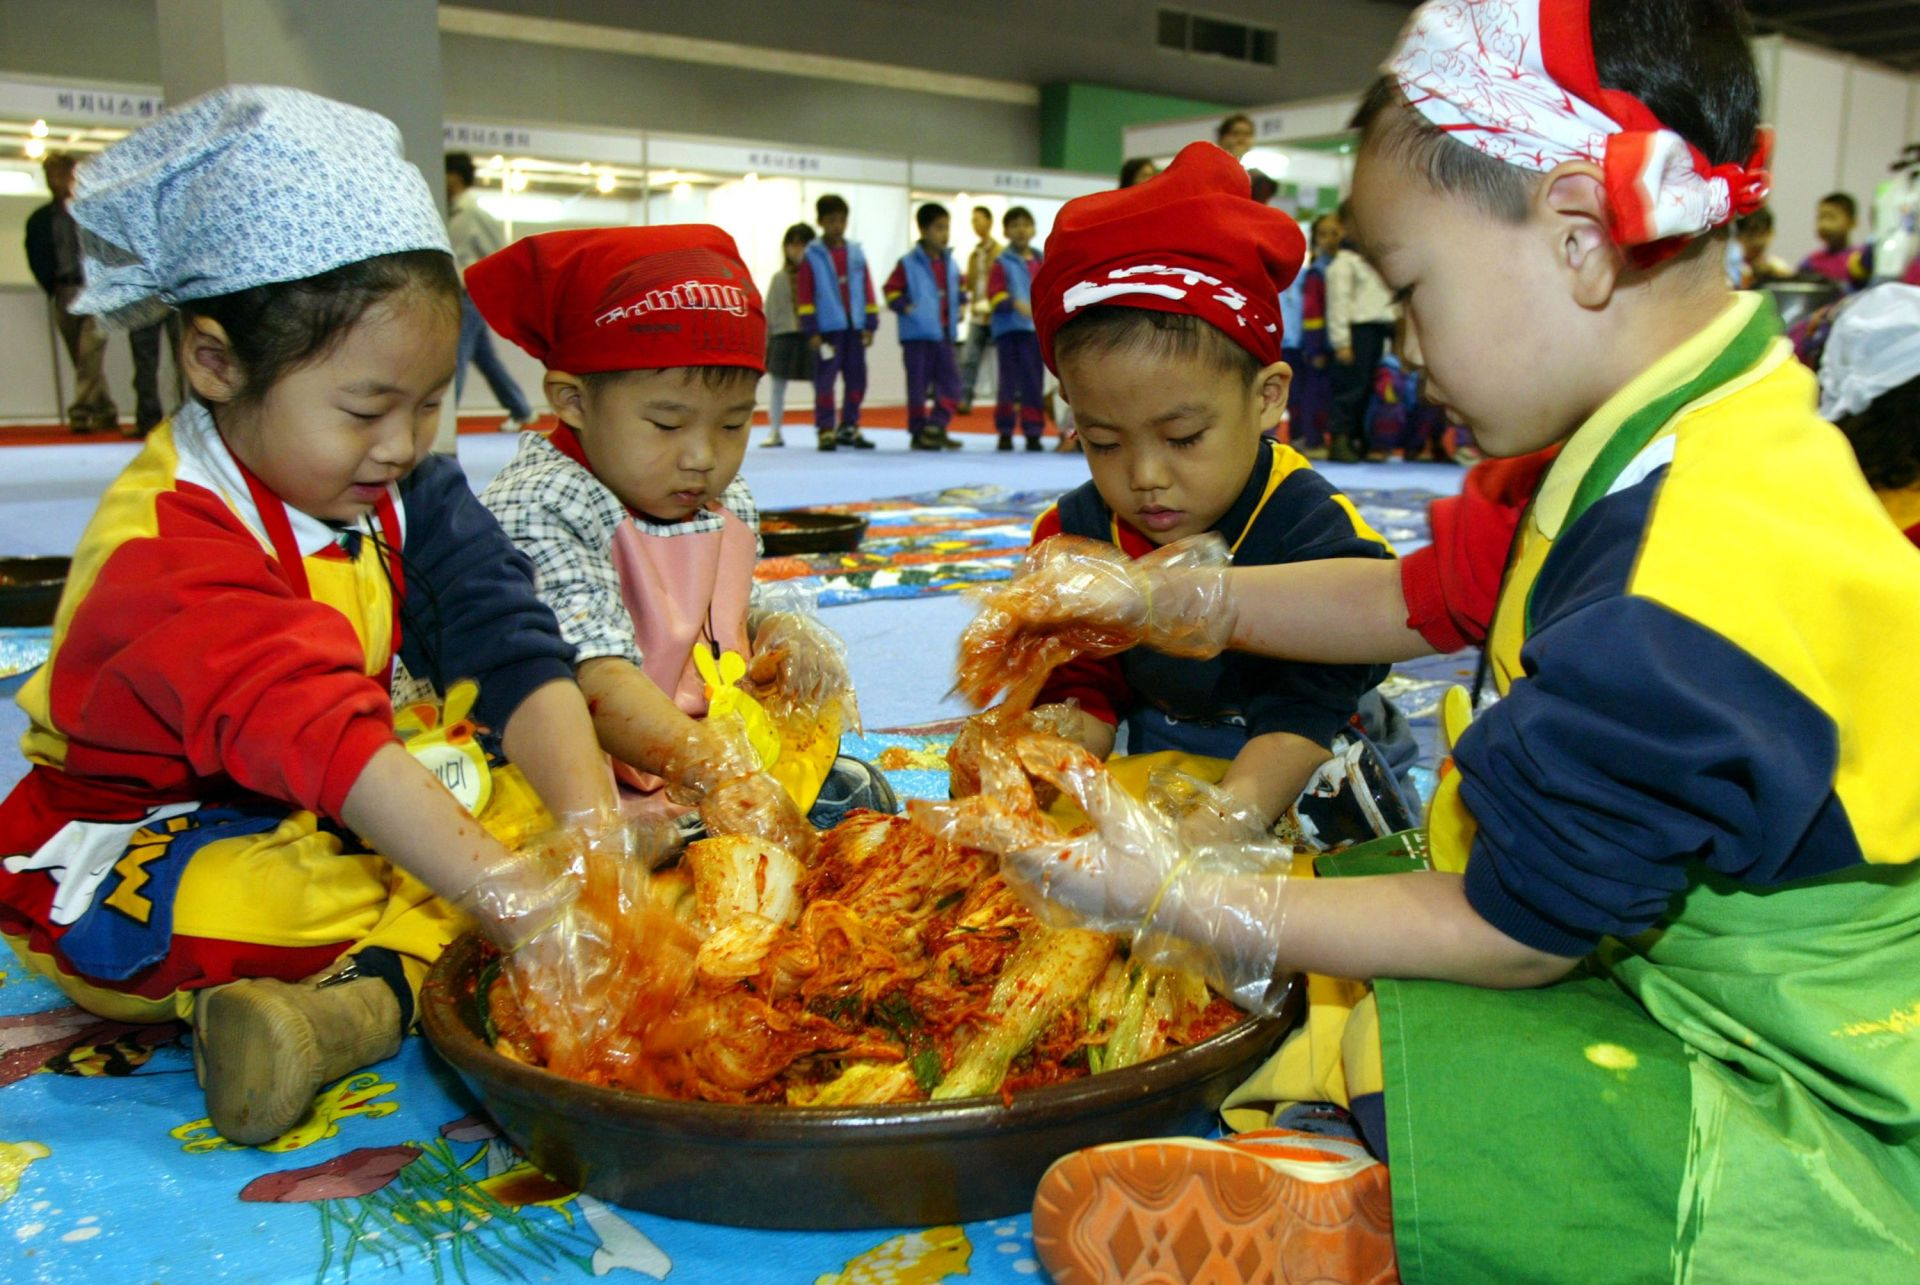 Южнокорейските деца правят националното ястие кимчи на изложение на 6 ноември 2003 г. в Сеул. По това време ястието е търсено в Източна Азия заради убеждението, че може да предпази от SARS